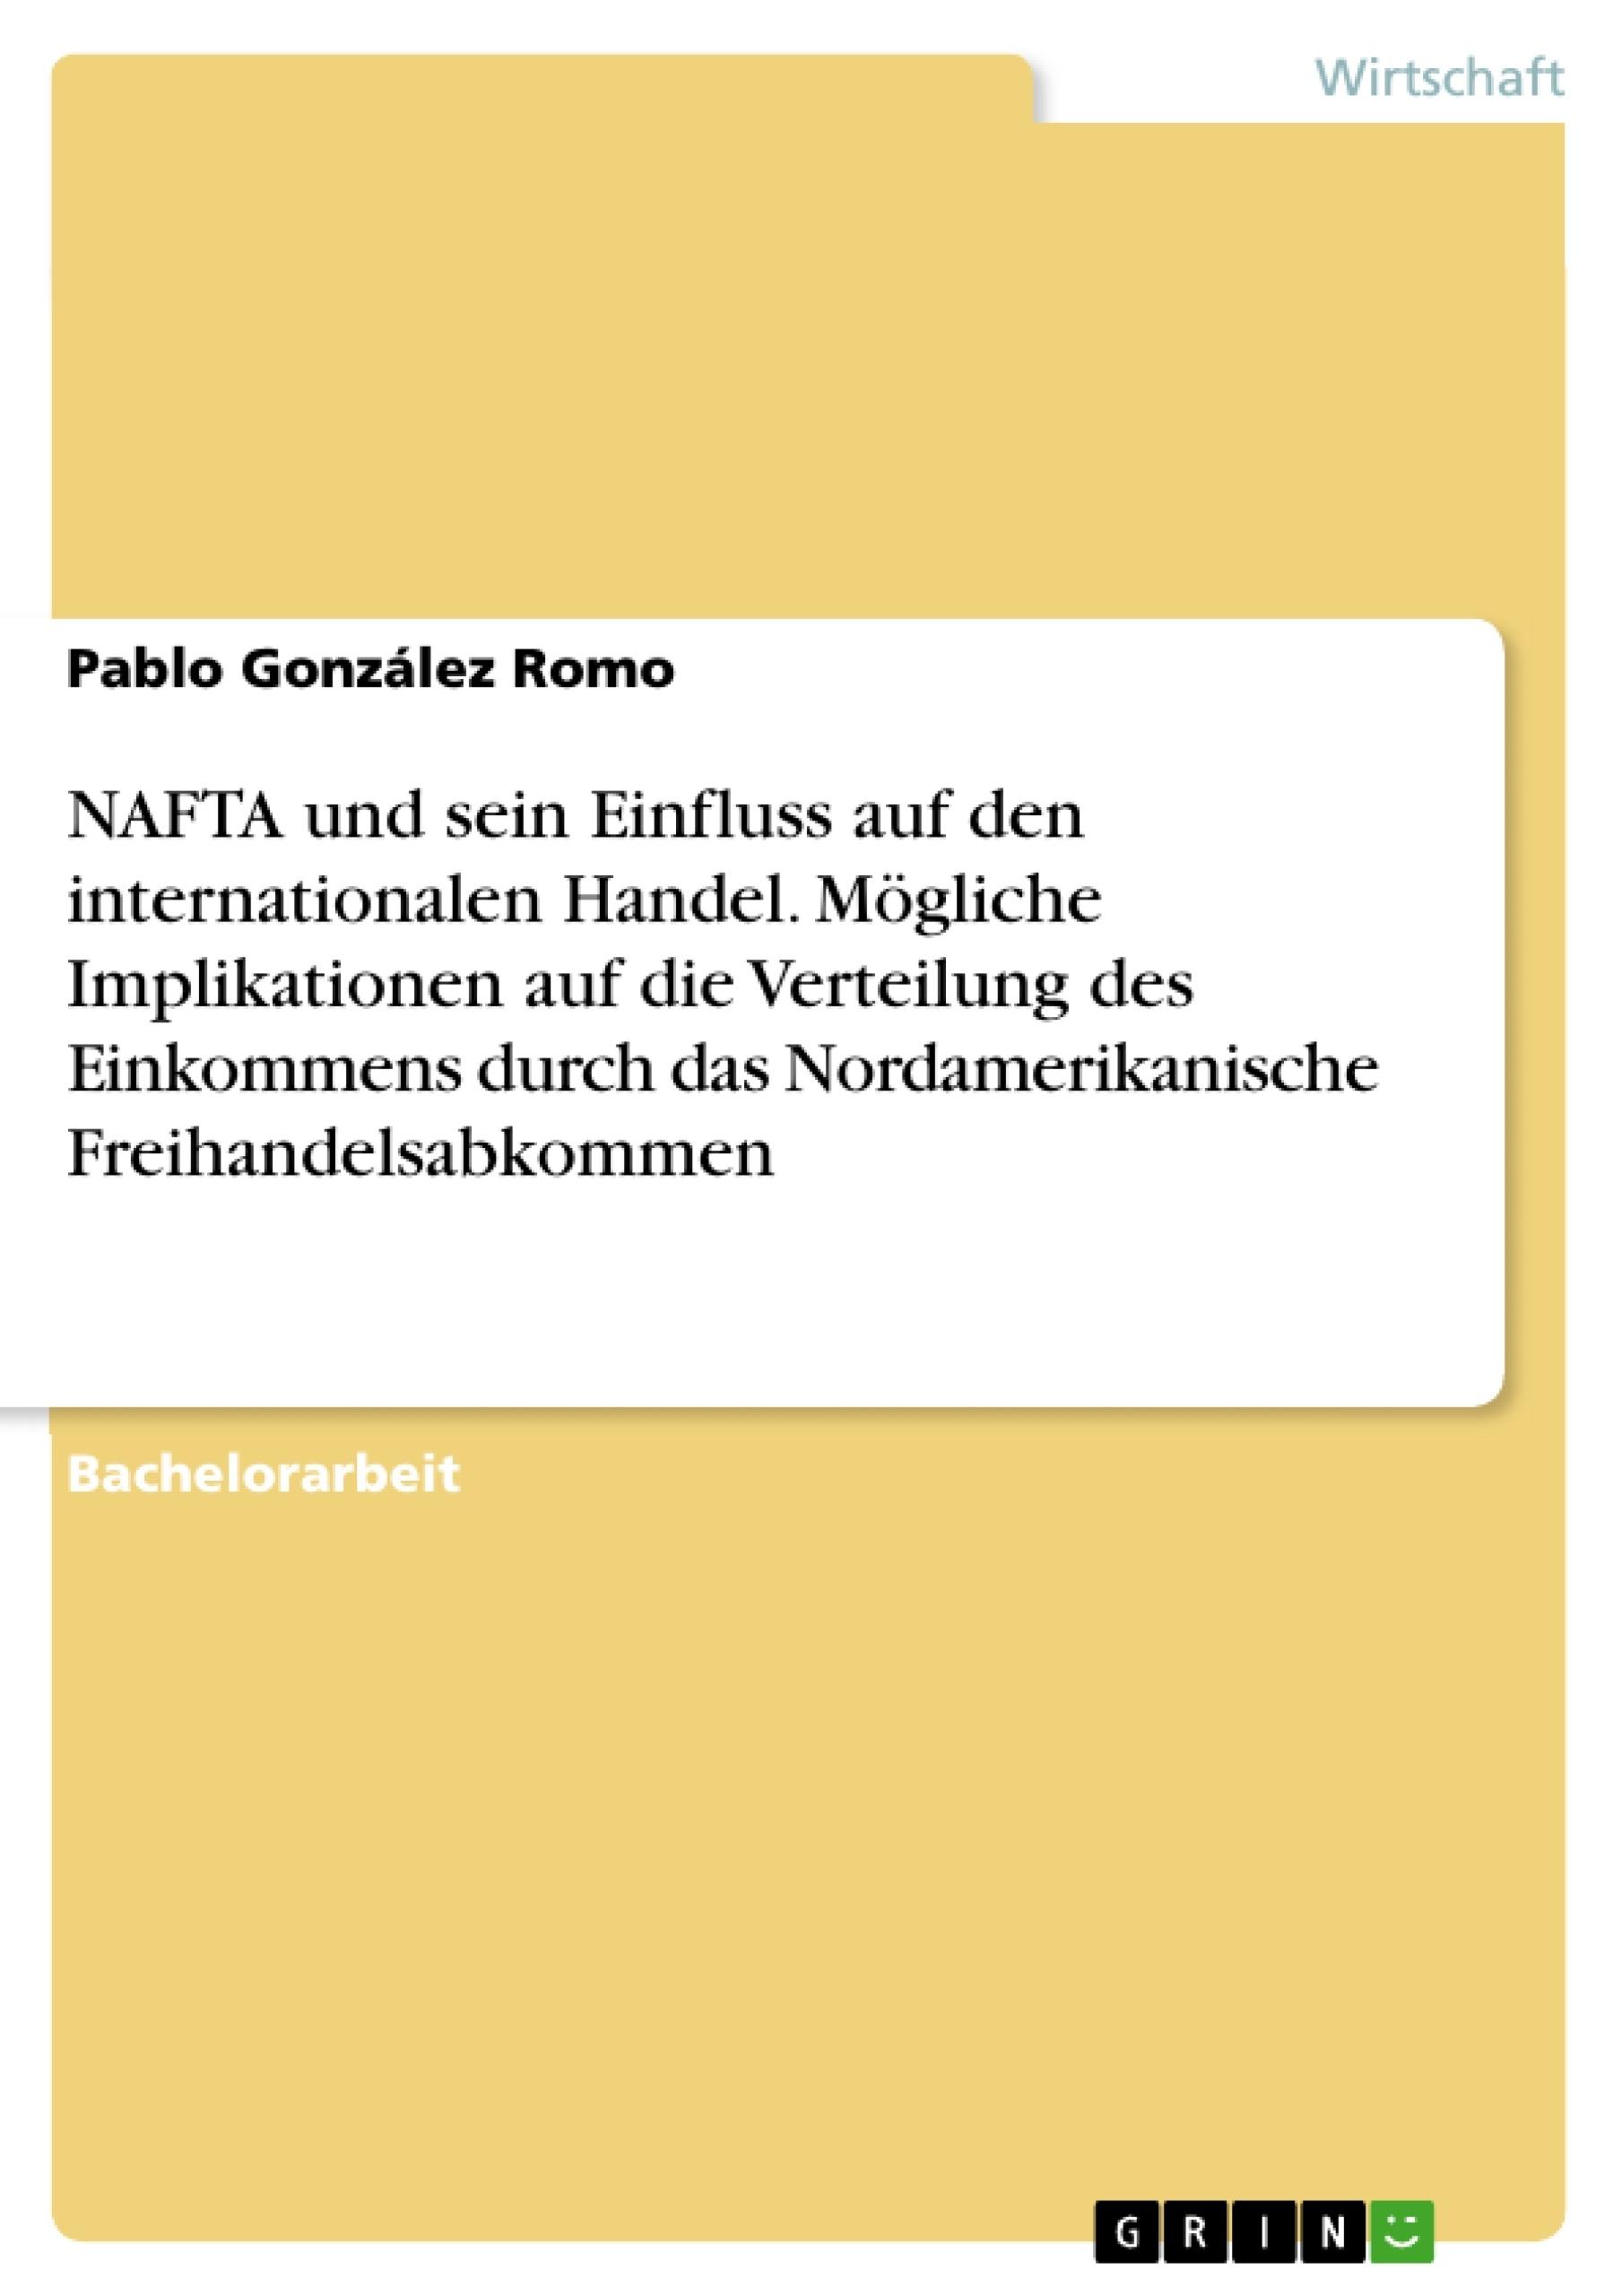 Titel: NAFTA und sein Einfluss auf den internationalen Handel. Mögliche Implikationen auf die Verteilung des Einkommens durch das Nordamerikanische Freihandelsabkommen